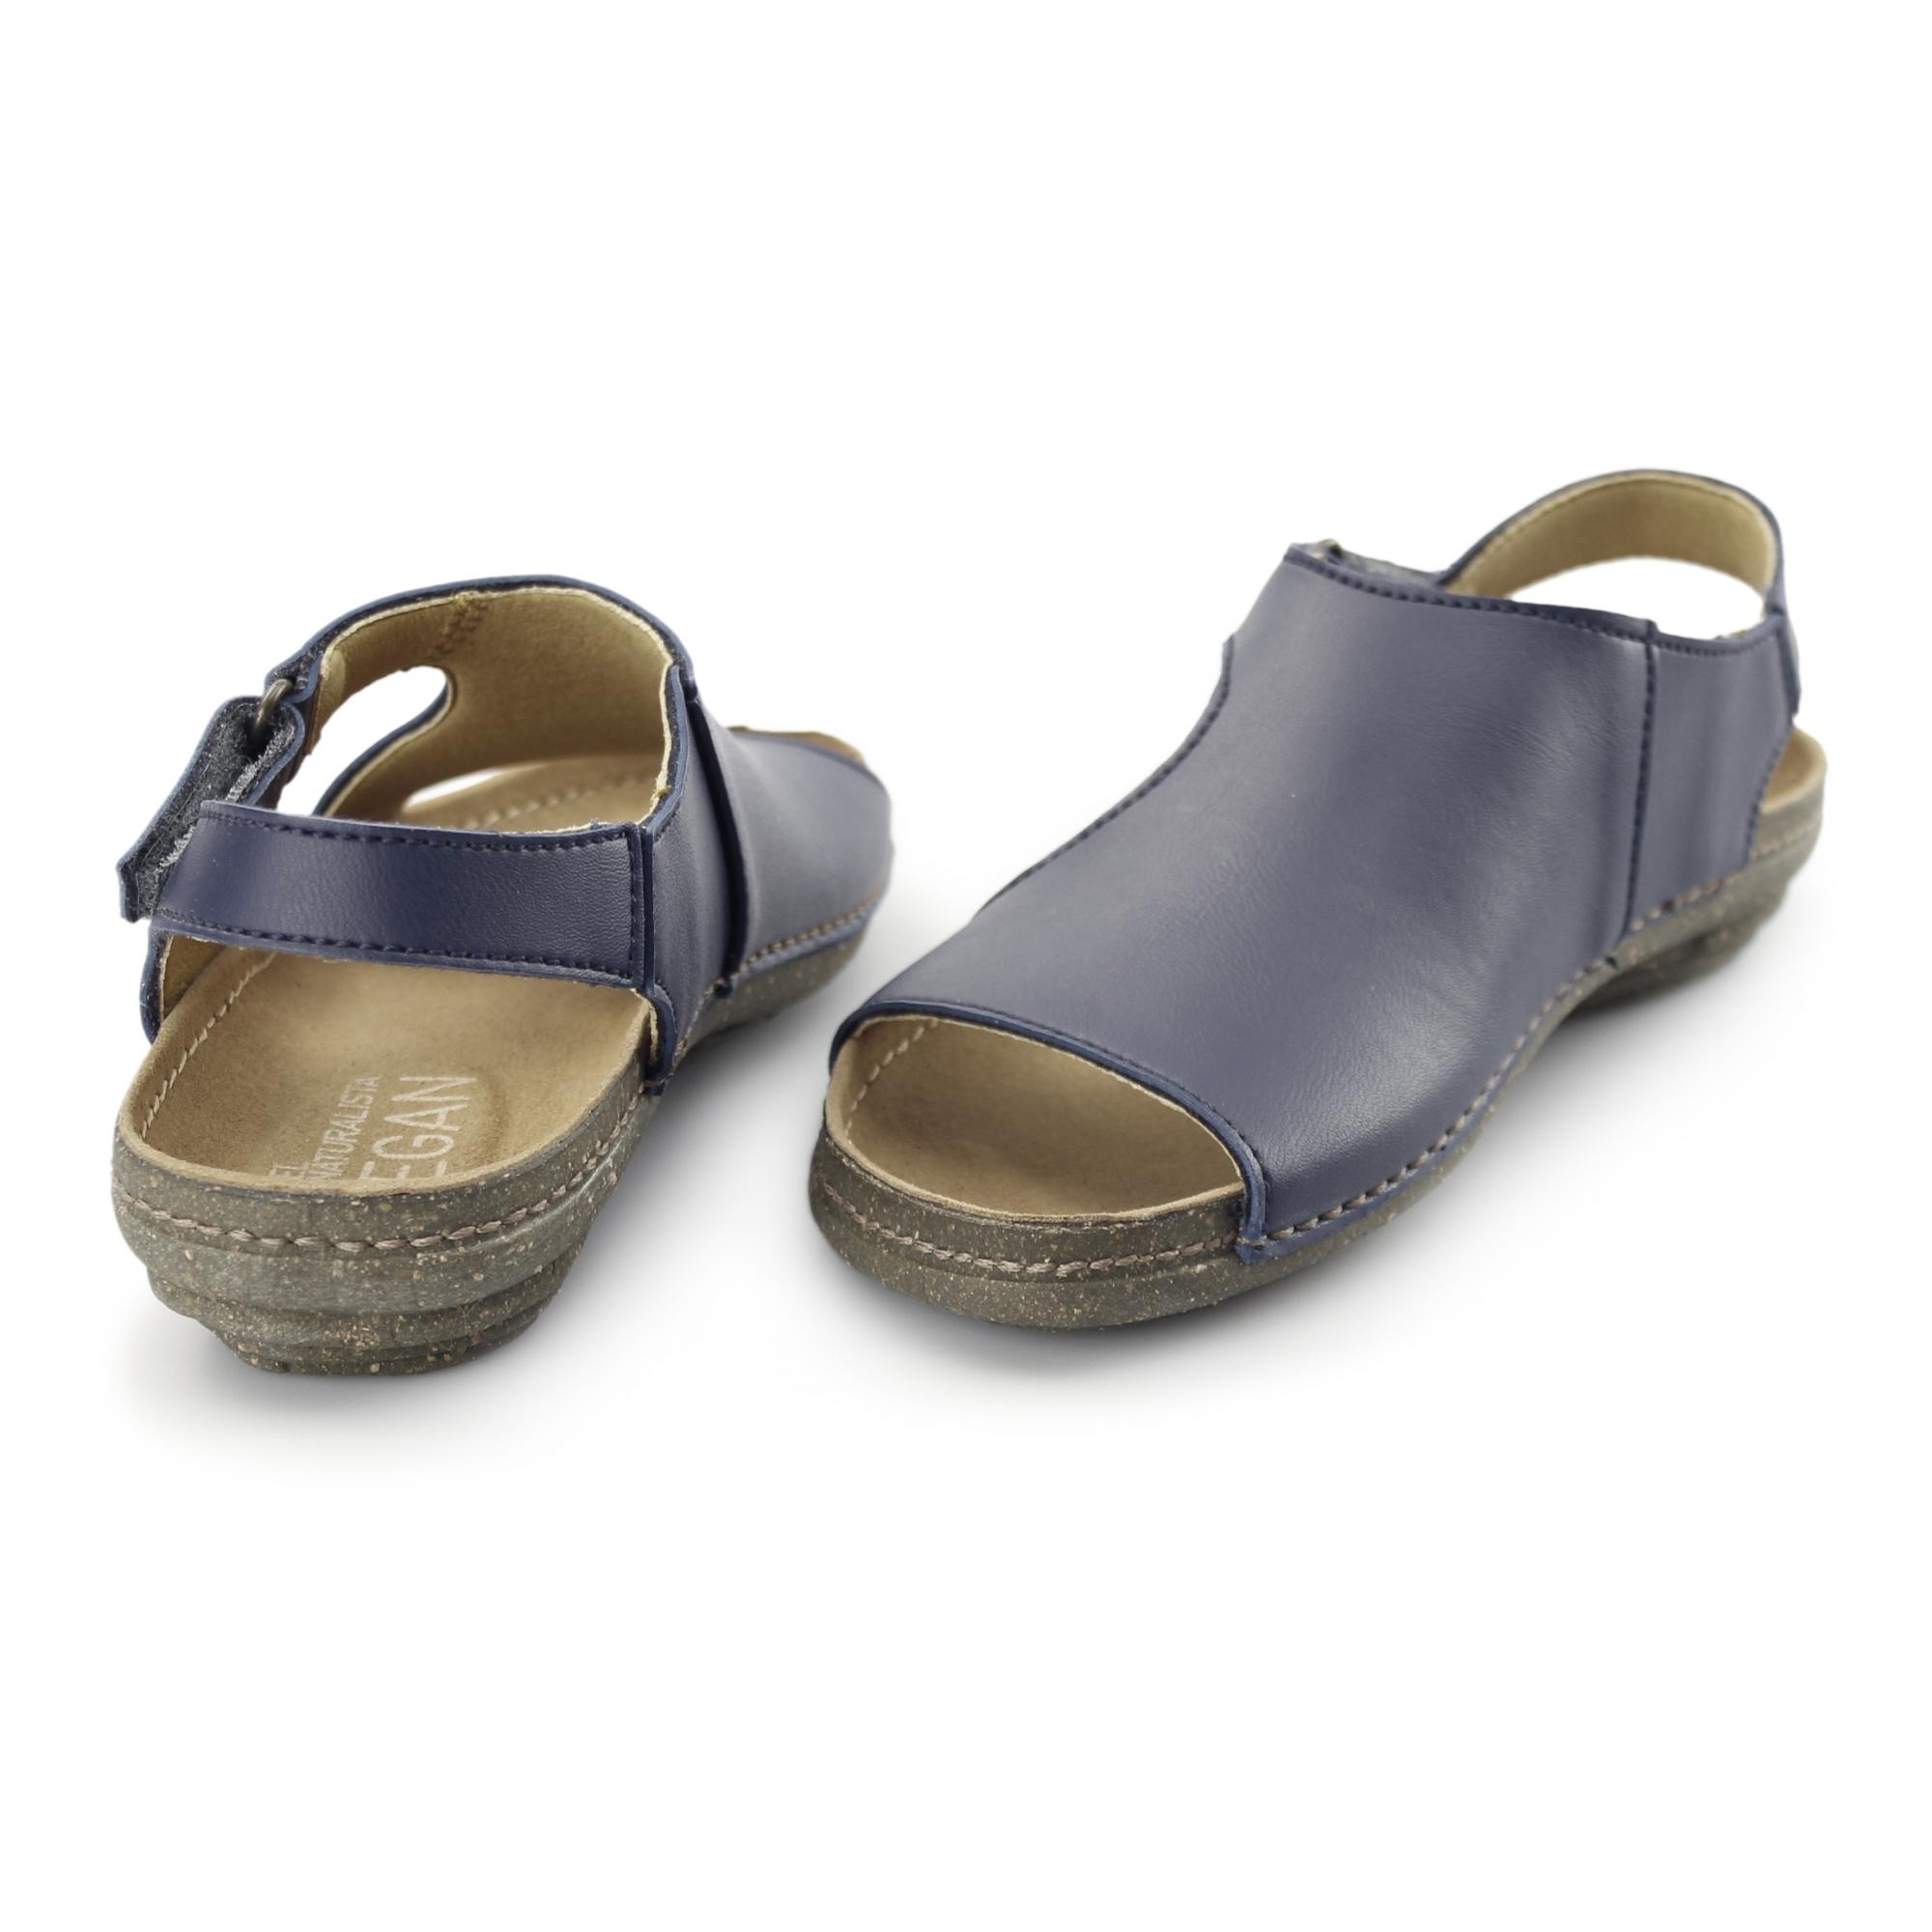 Excellent Sandal High Wedge Sandal Low Wedge Sandal Wide Strap Sandal